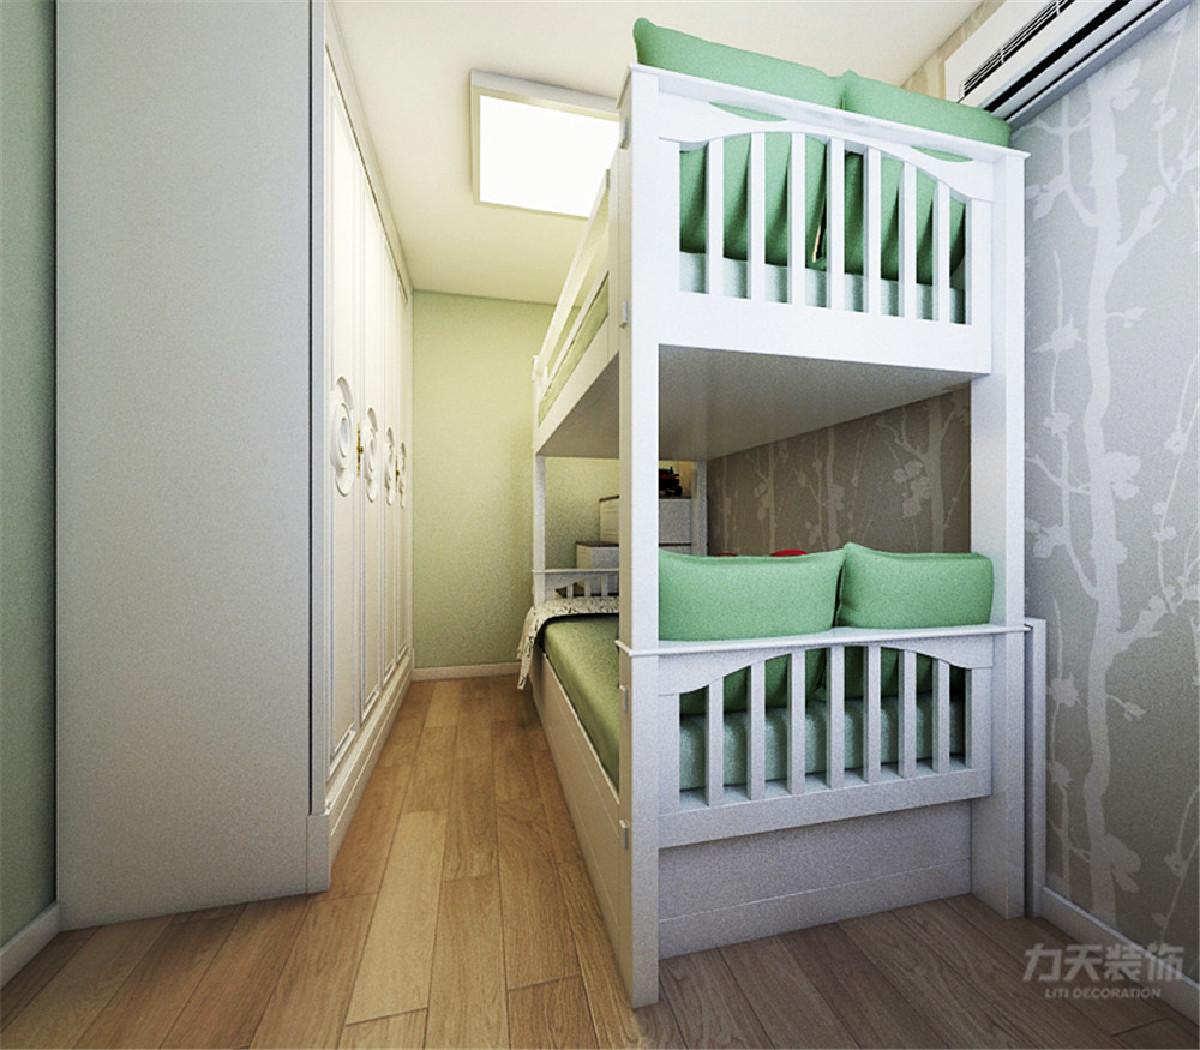 儿童房以简洁为主,选择的浅色系与室内的主体颜色做呼应形成对比